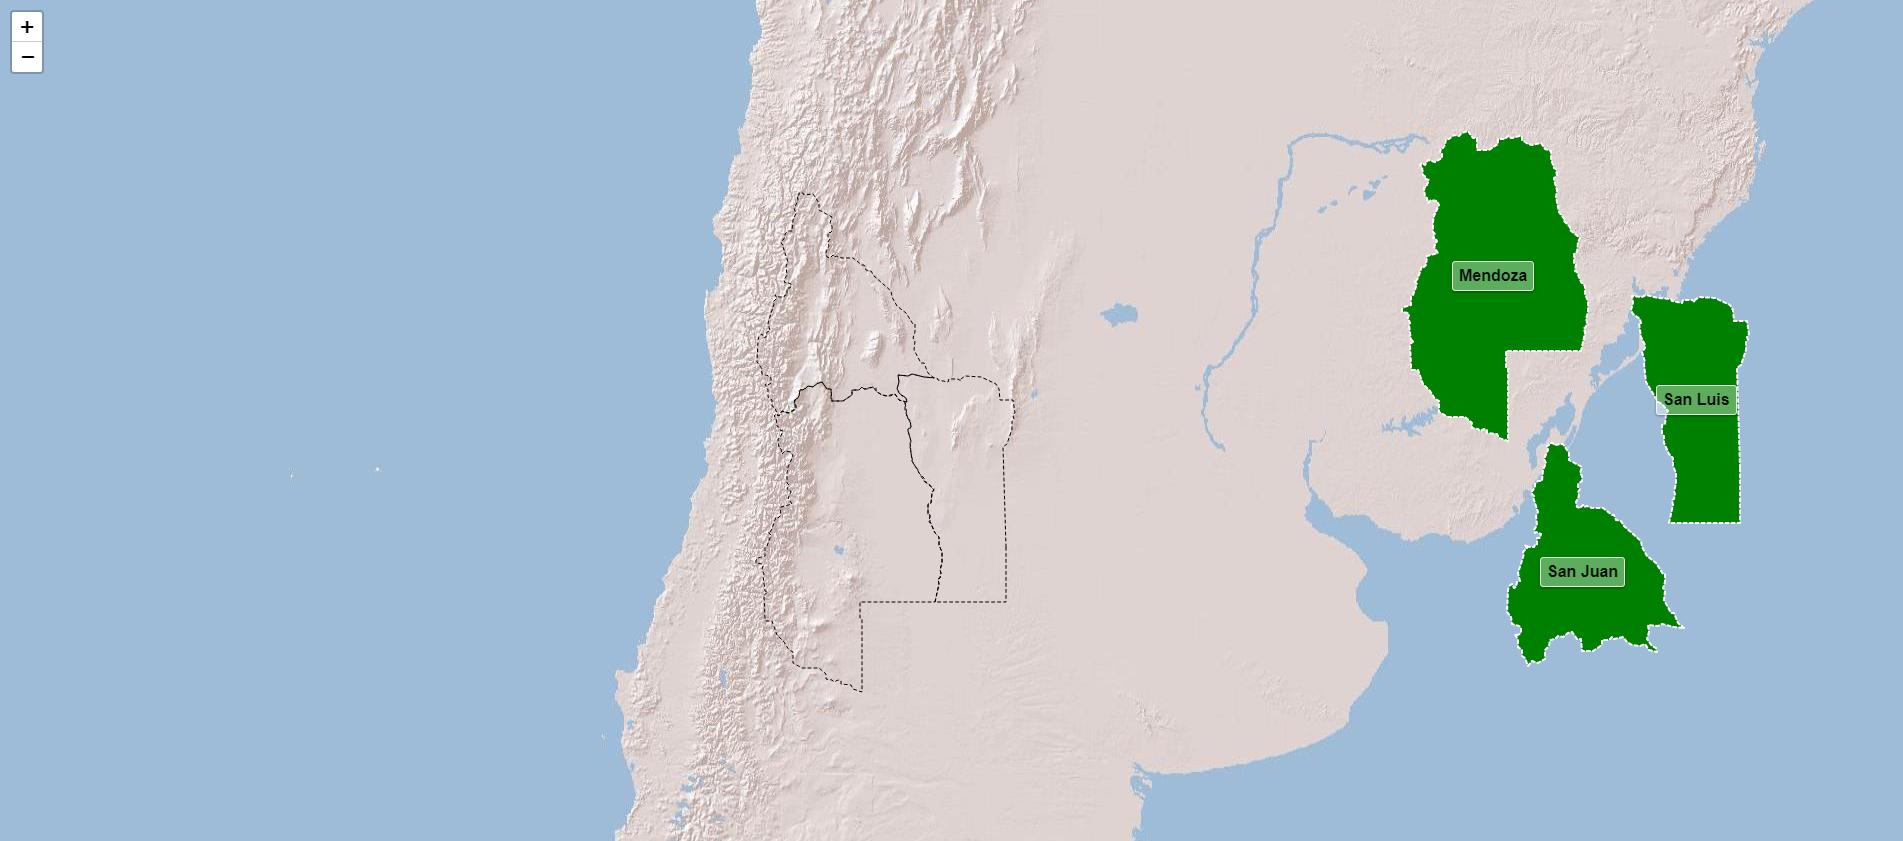 Províncias da região de Cuyo na Argentina